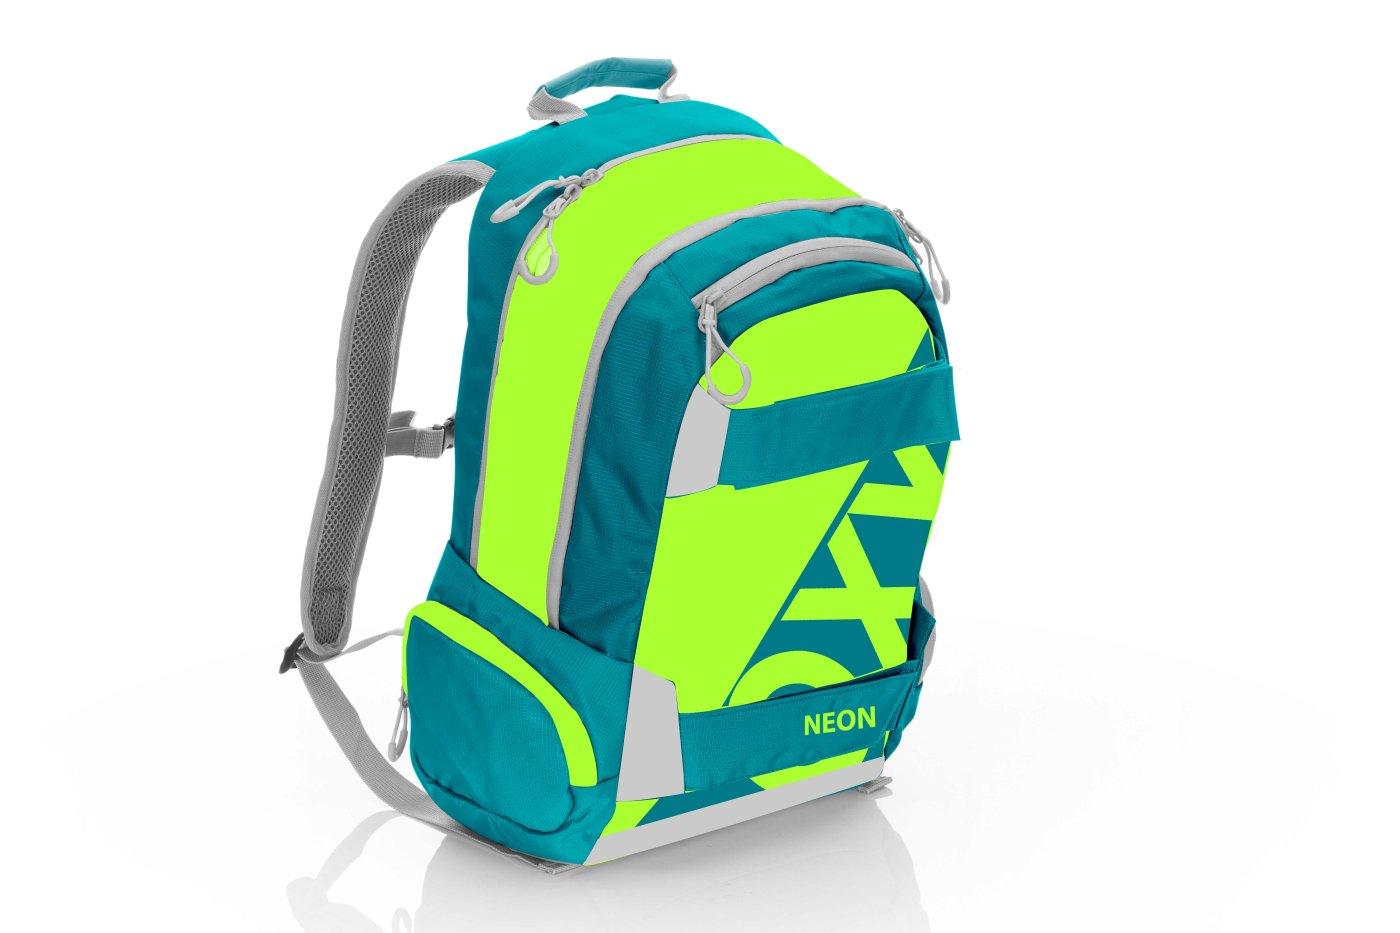 Studentský batoh OXY Sport NEON Green - Školní potřeby » OXY ... a38833a55b